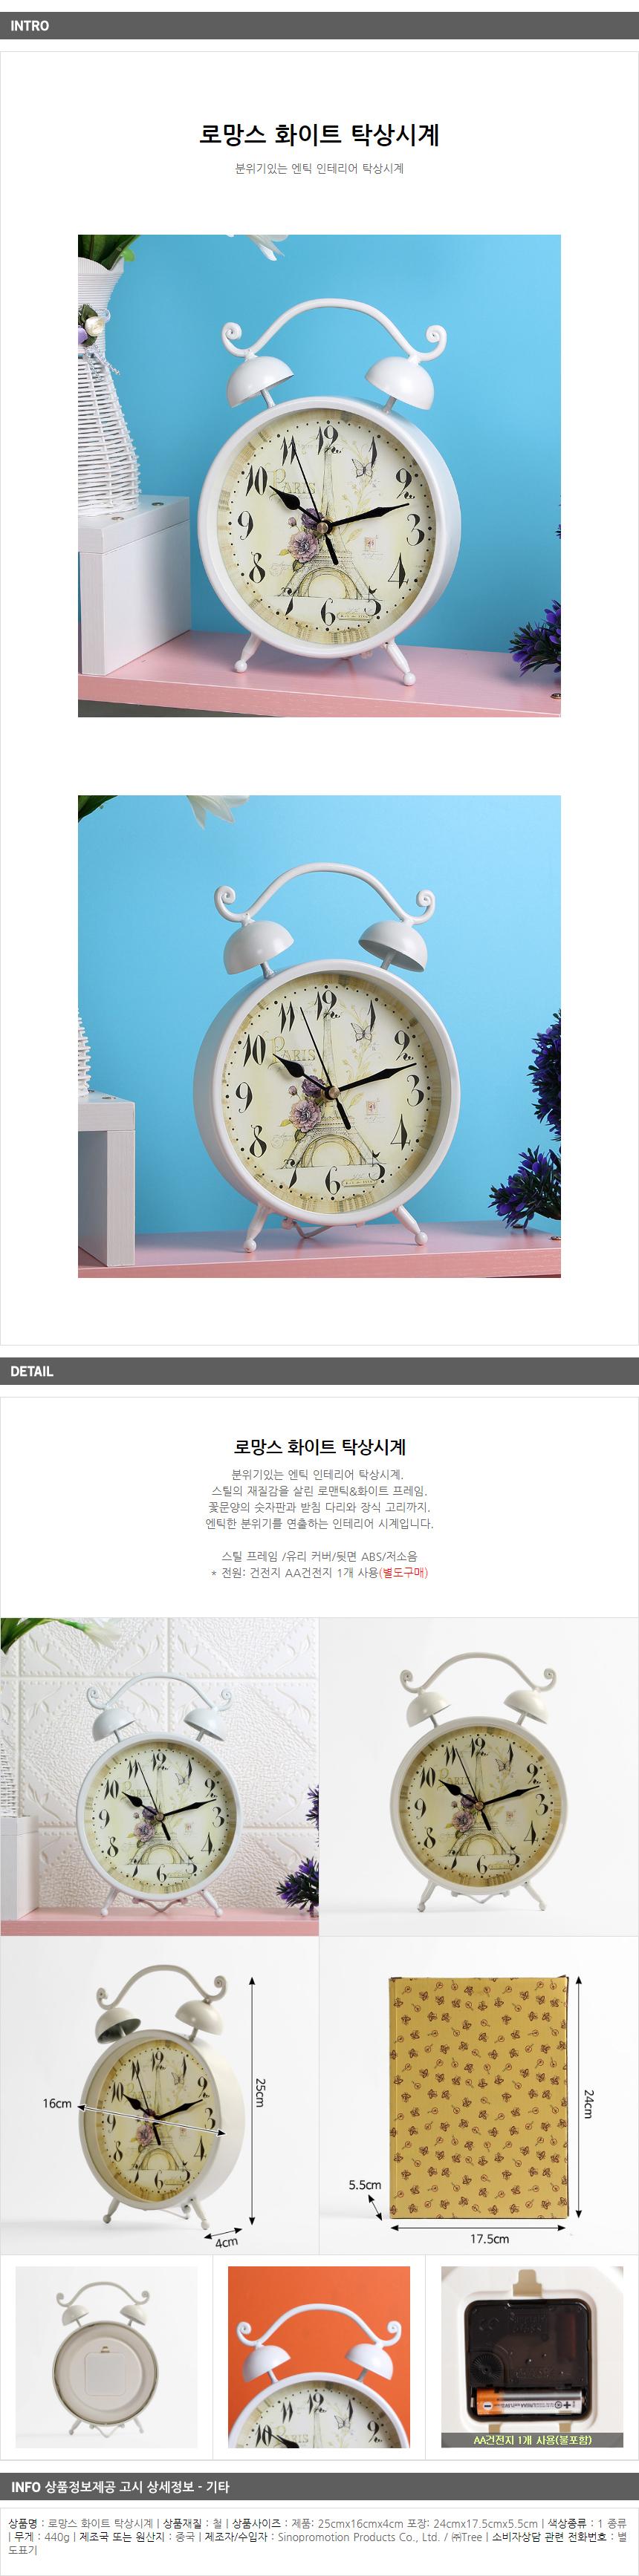 화이트 탁상시계/인테리어시계 엔틱시계 테이블시계 - 기프트갓, 15,010원, 탁상시계, 디자인